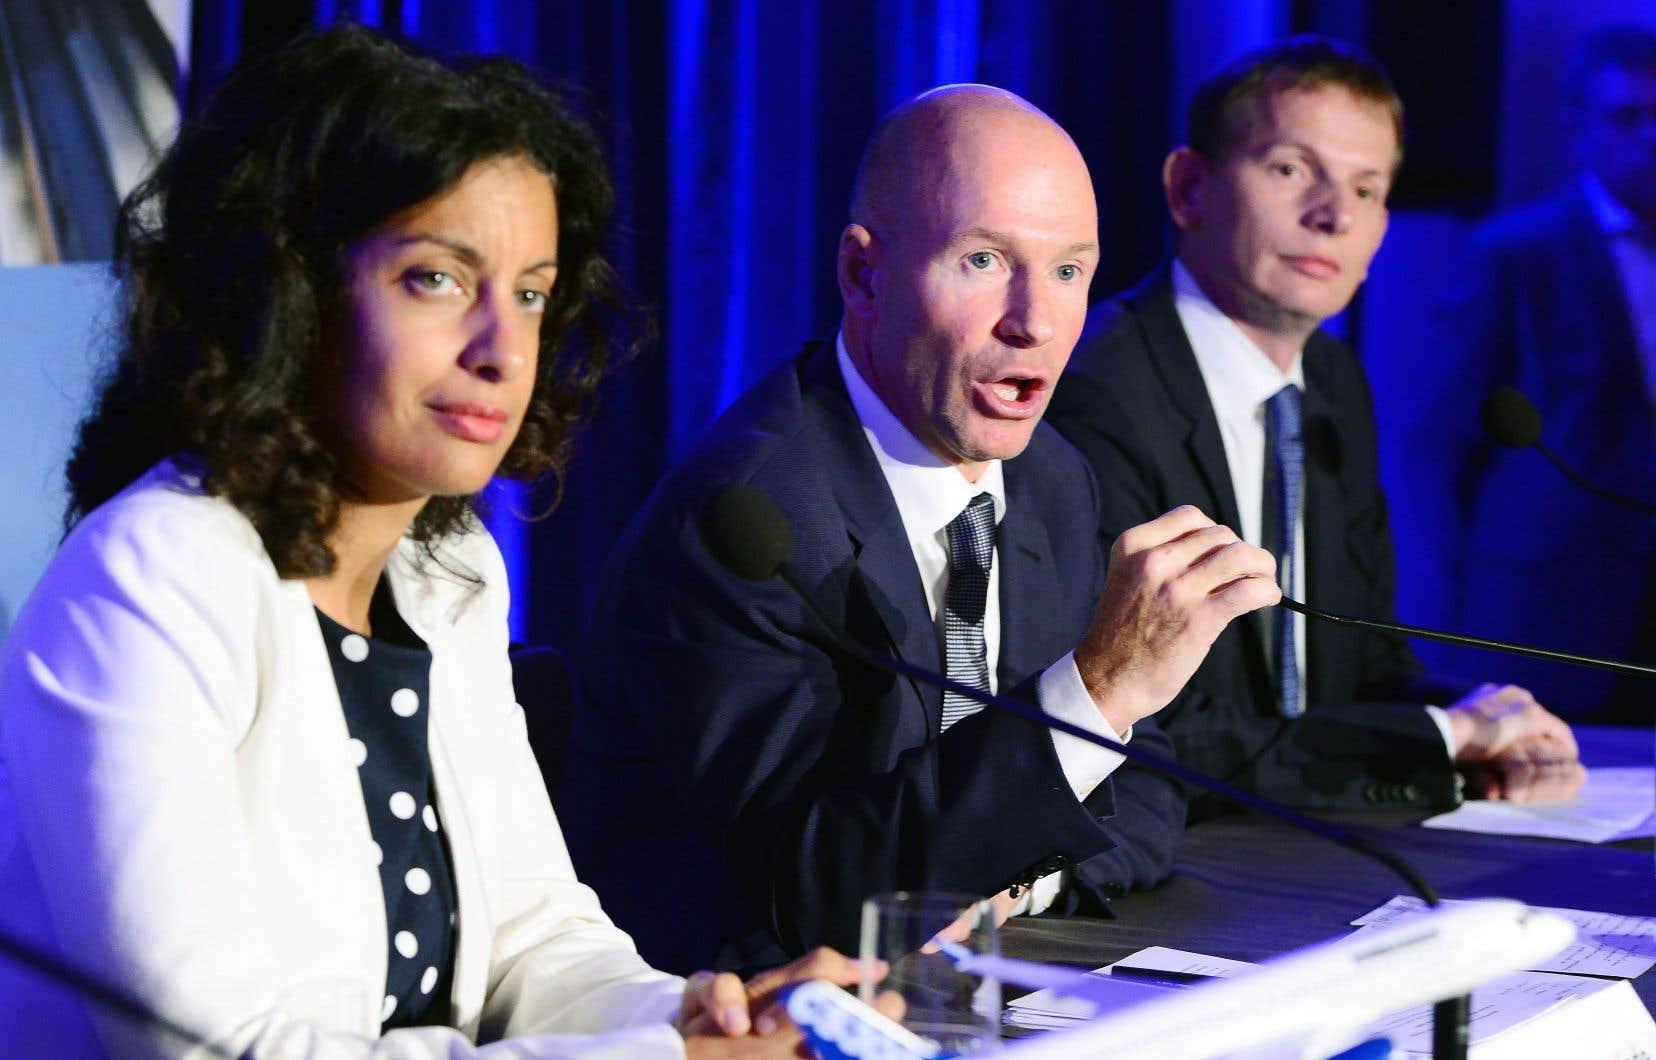 La ministre québécoise de l'Économie, Dominique Anglade, le président et chef de la direction de Bombardier, Alain Bellemare, et le président et chef des opérations d'Airbus pour l'Amérique du Nord, Romain Trapp, lors d'une conférence de presse lundi soir, à Montréal.